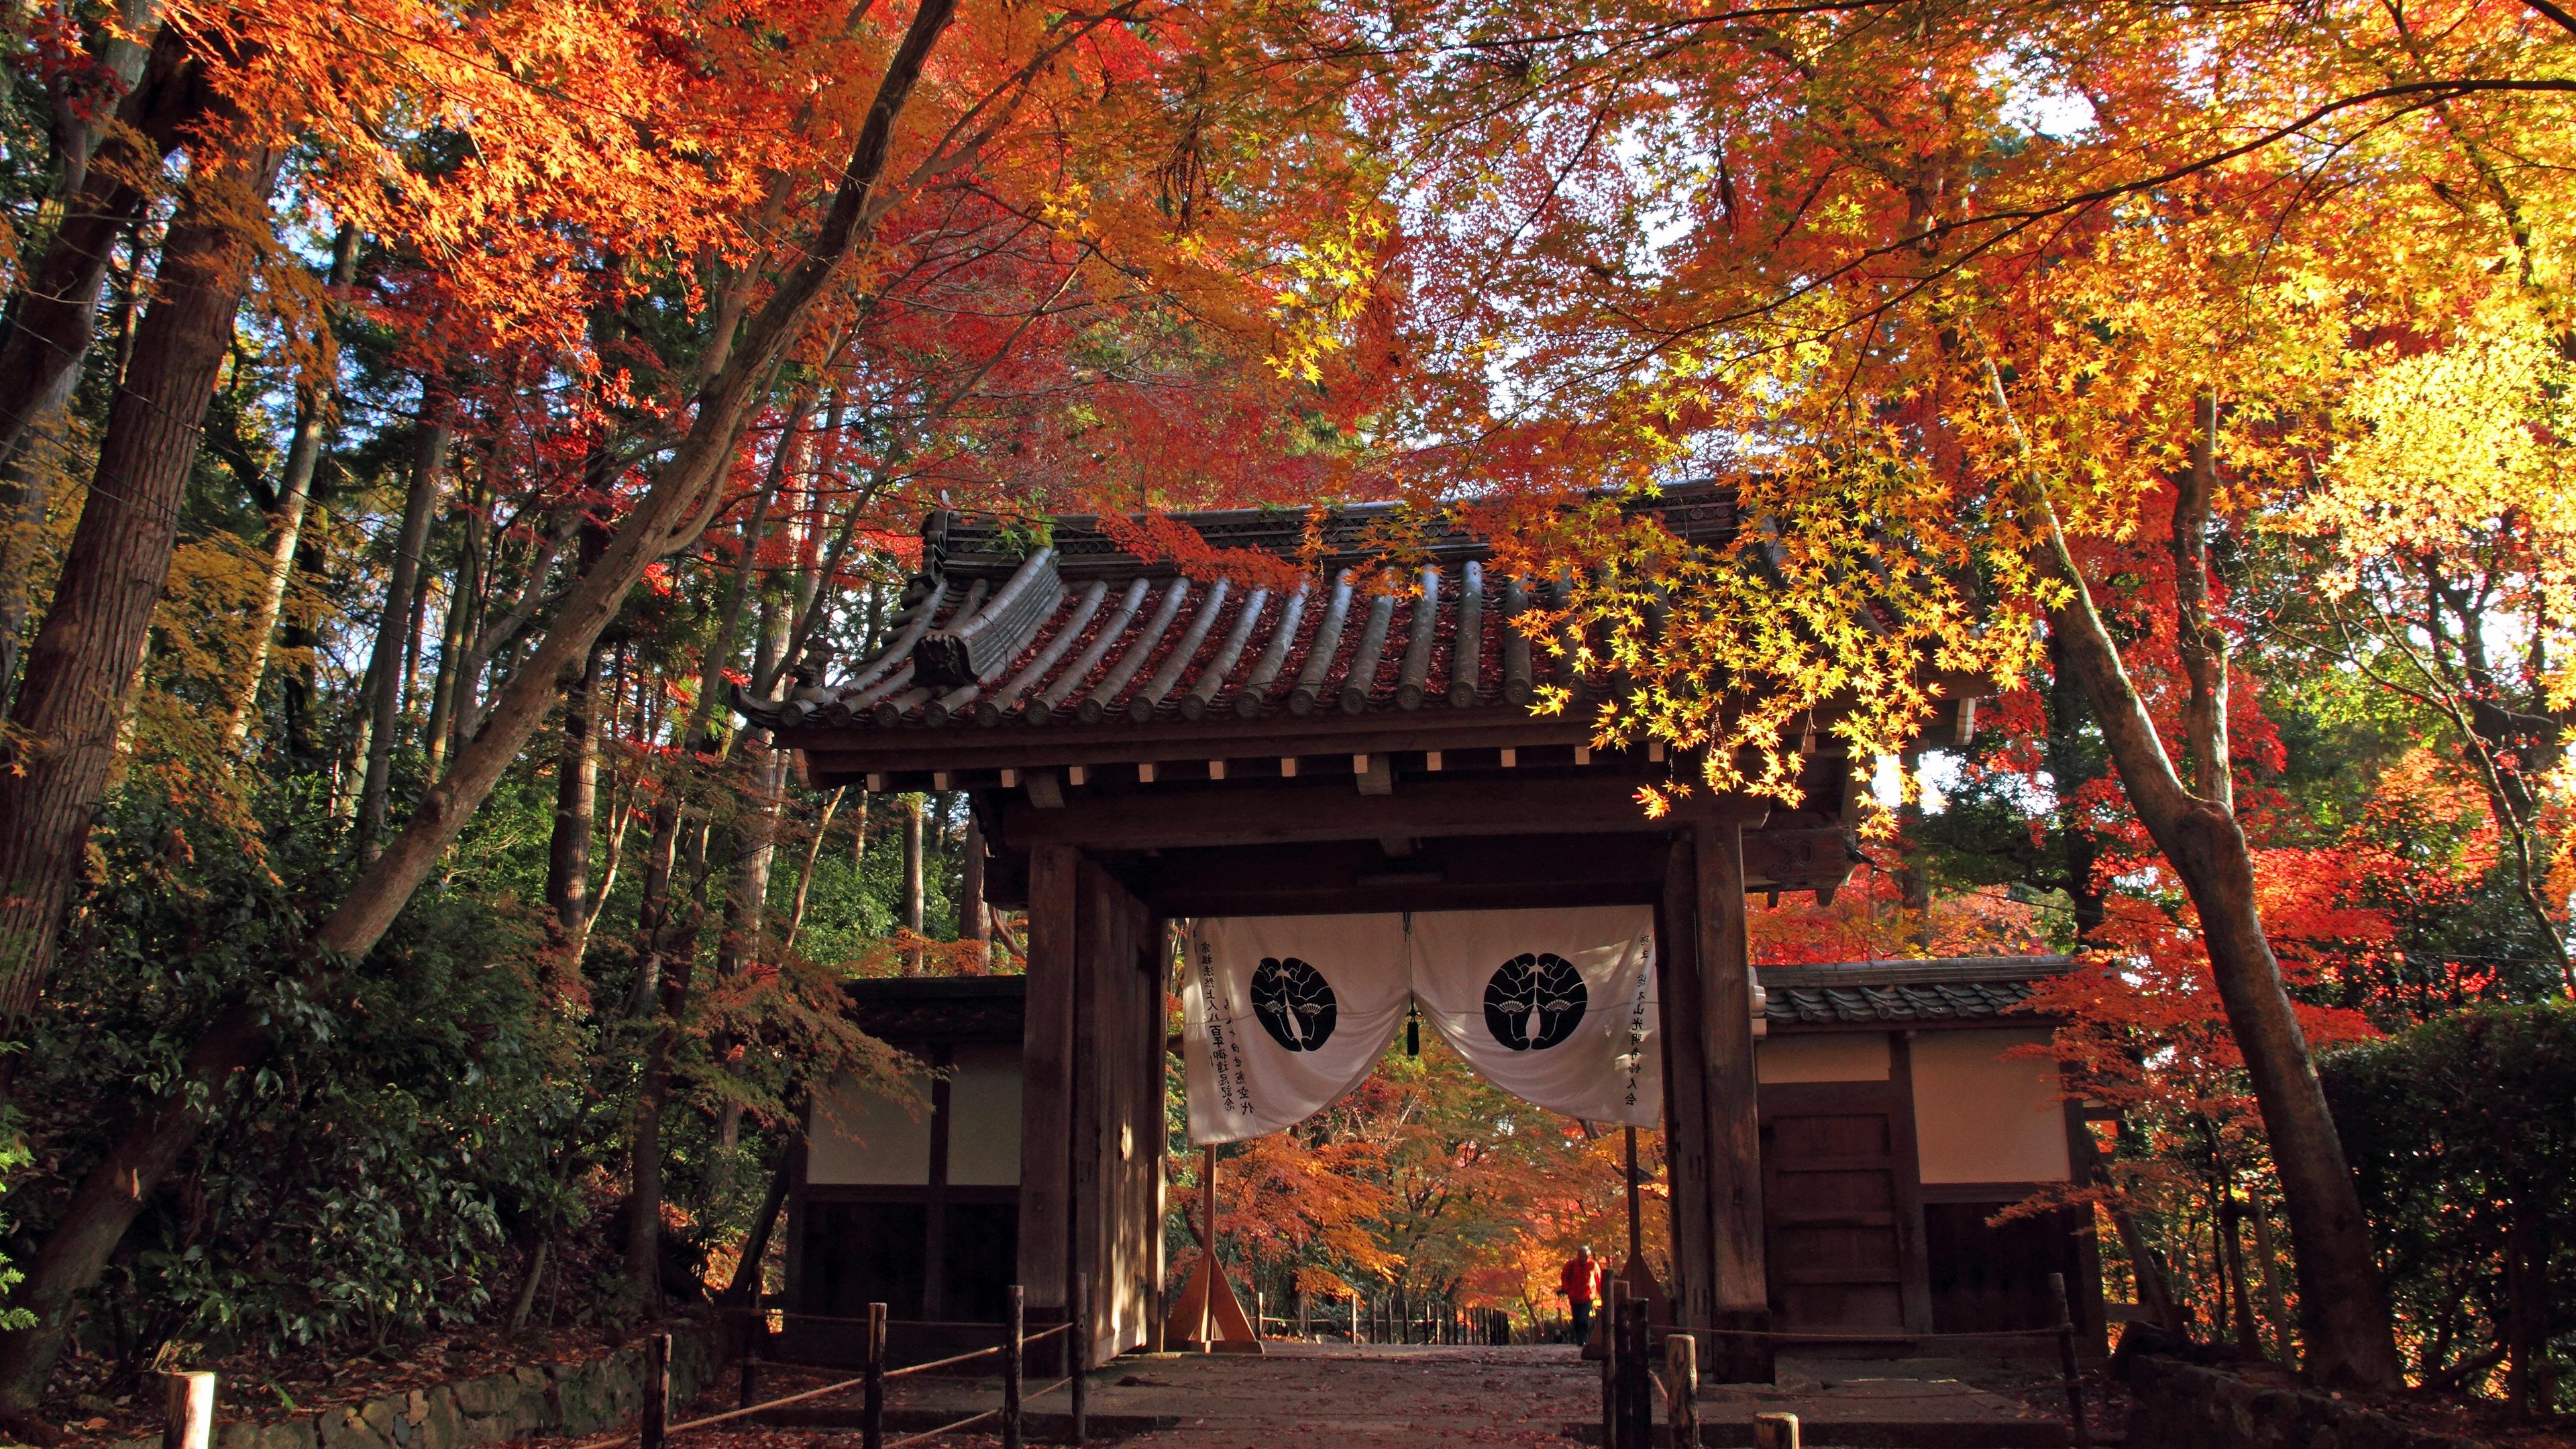 2011年に撮影した紅葉の京都の壁紙その2です。